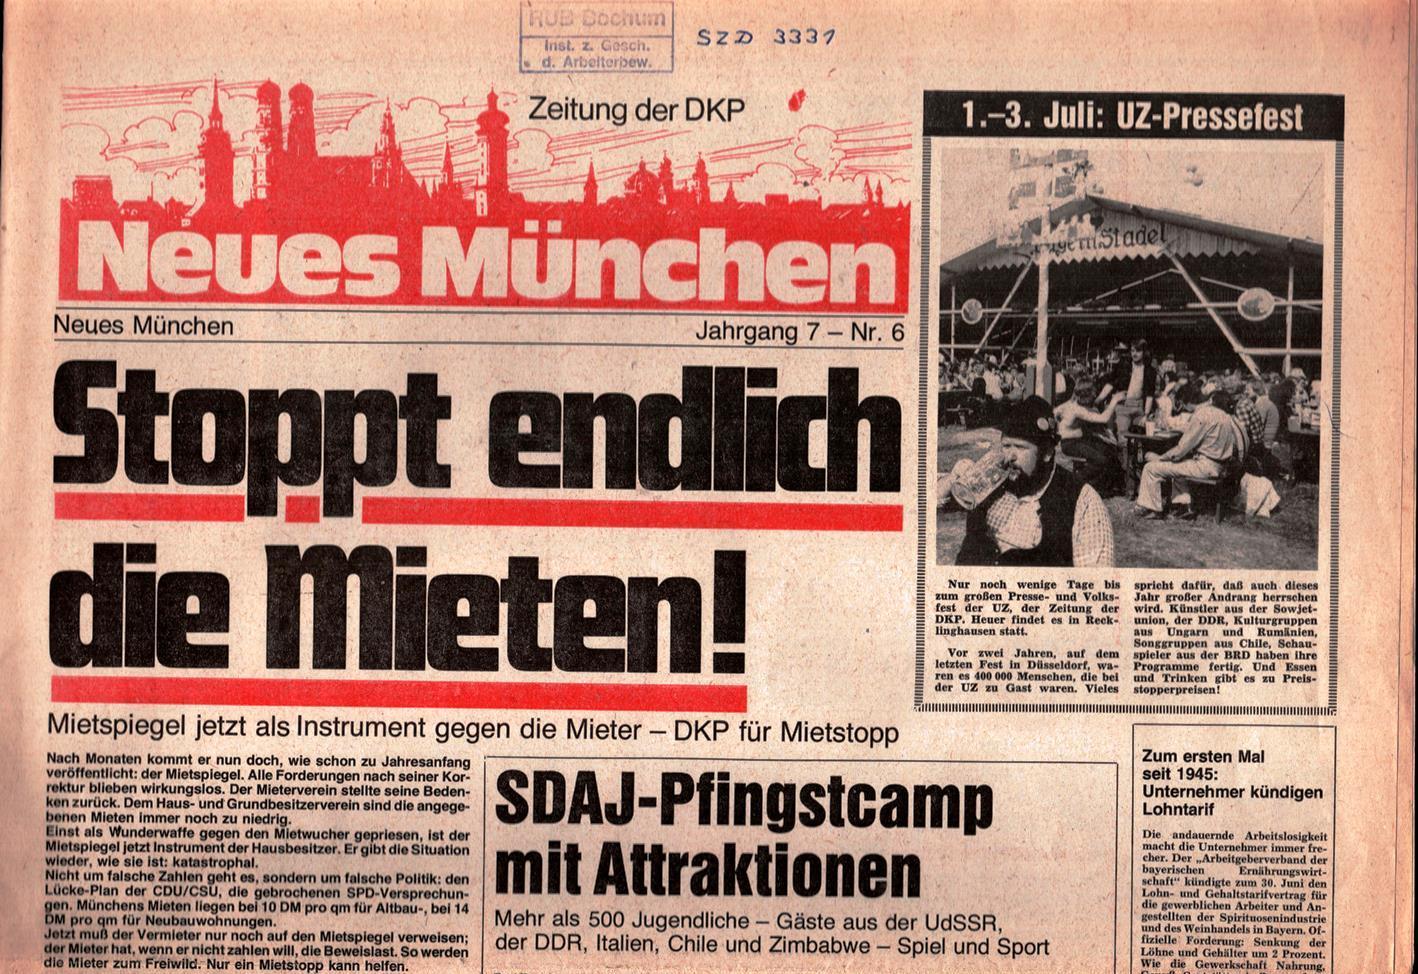 Muenchen_DKP_Neues_Muenchen_19770600_006_001